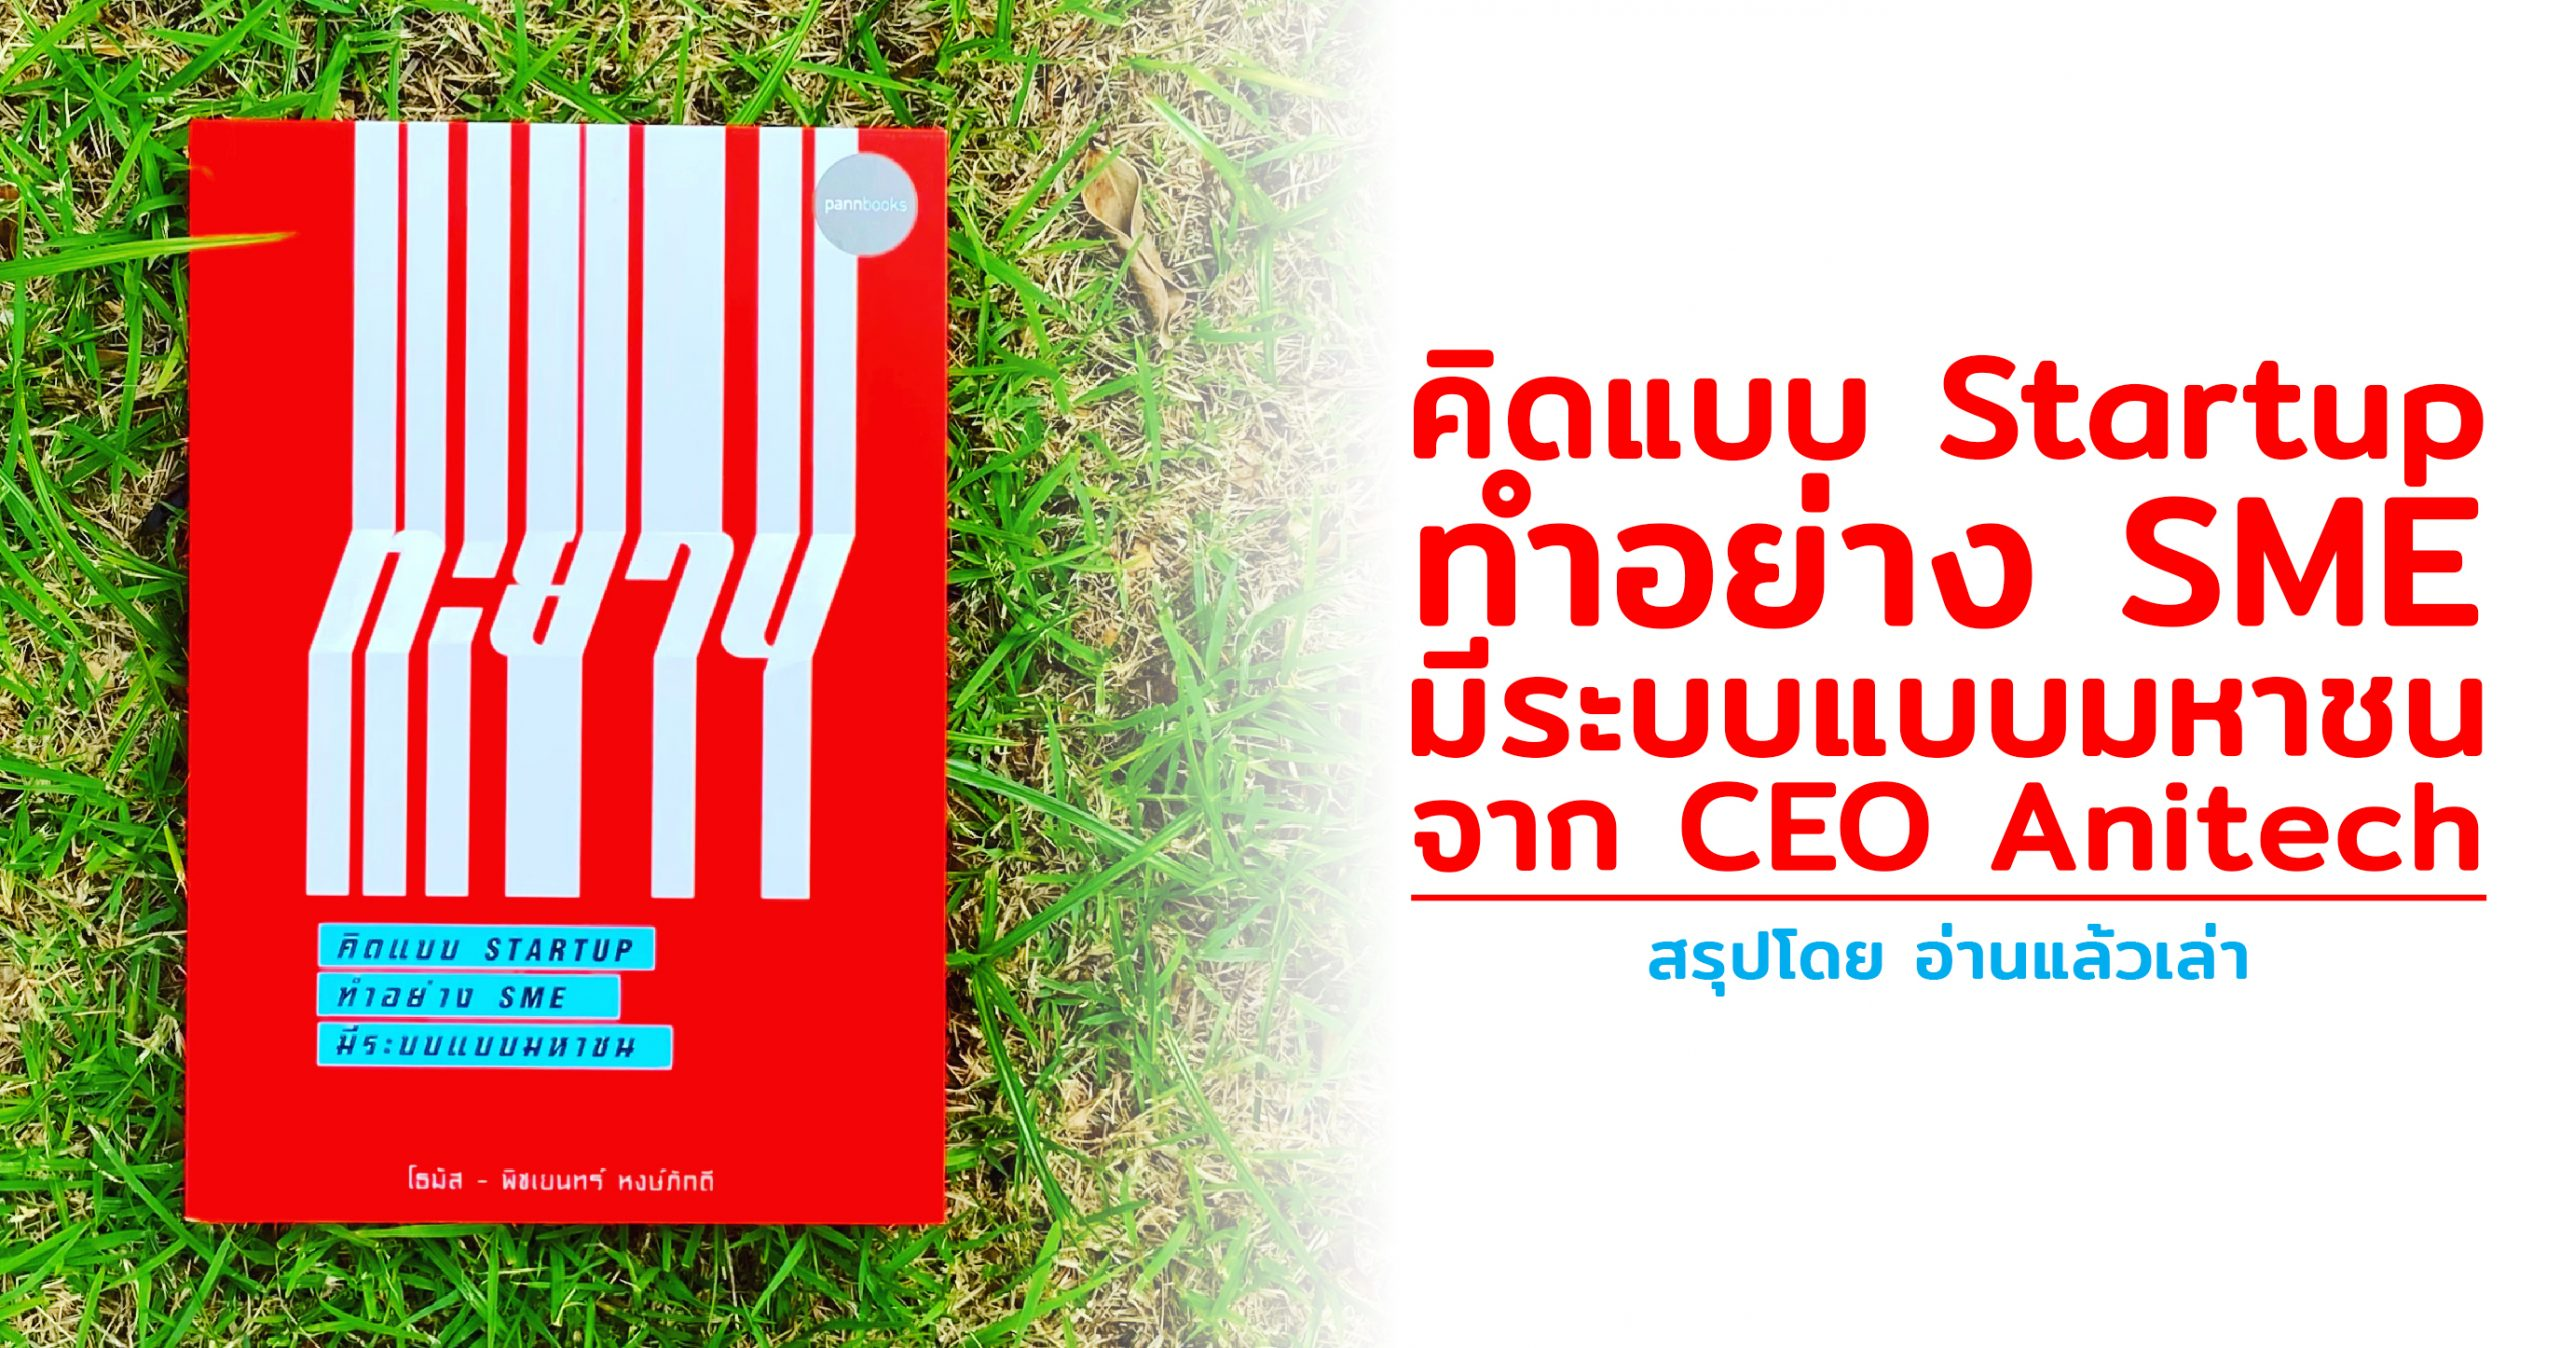 สรุปหนังสือ ทะยาน คิดแบบ Startup ทำอย่าง SME มีระบบอย่างมหาชน โดย โธมัส พิชเยนทร์ หงษ์ภักดี ผู้เป็น CEO บริษัท Anitech